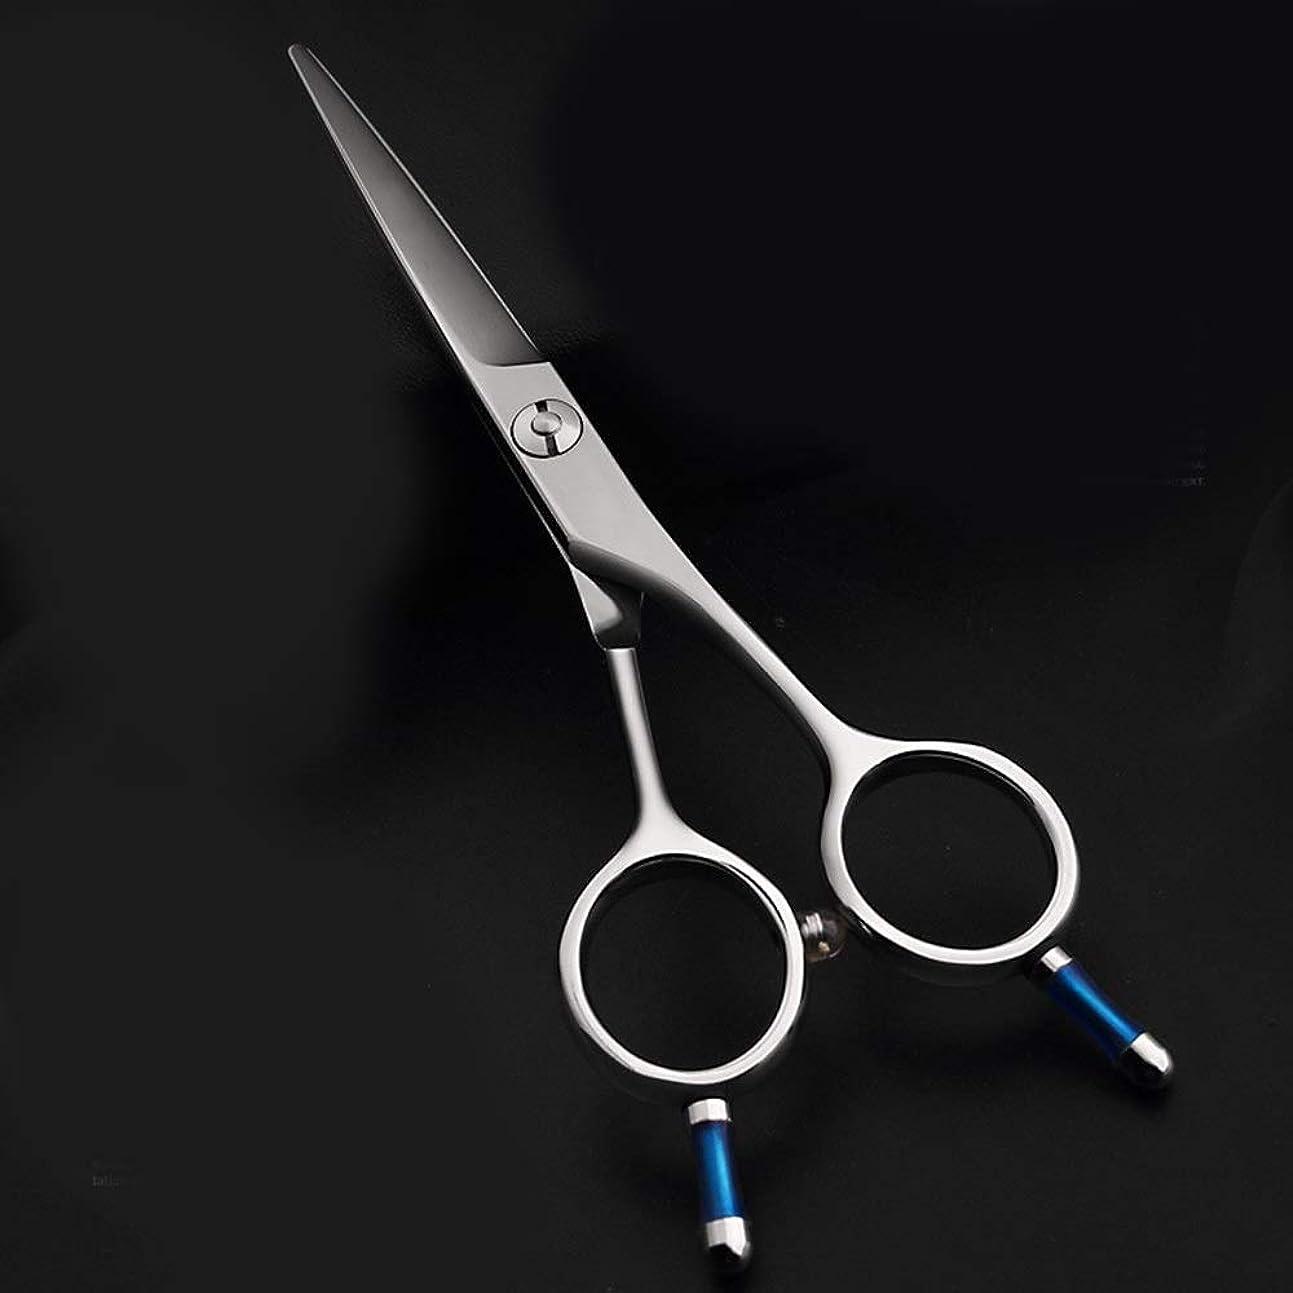 教育する箱櫛5.5インチの理髪はさみ、440 CプロフェッショナルAワードせん断、美容院特別左利き利用可能な理髪はさみ モデリングツール (色 : Silver)